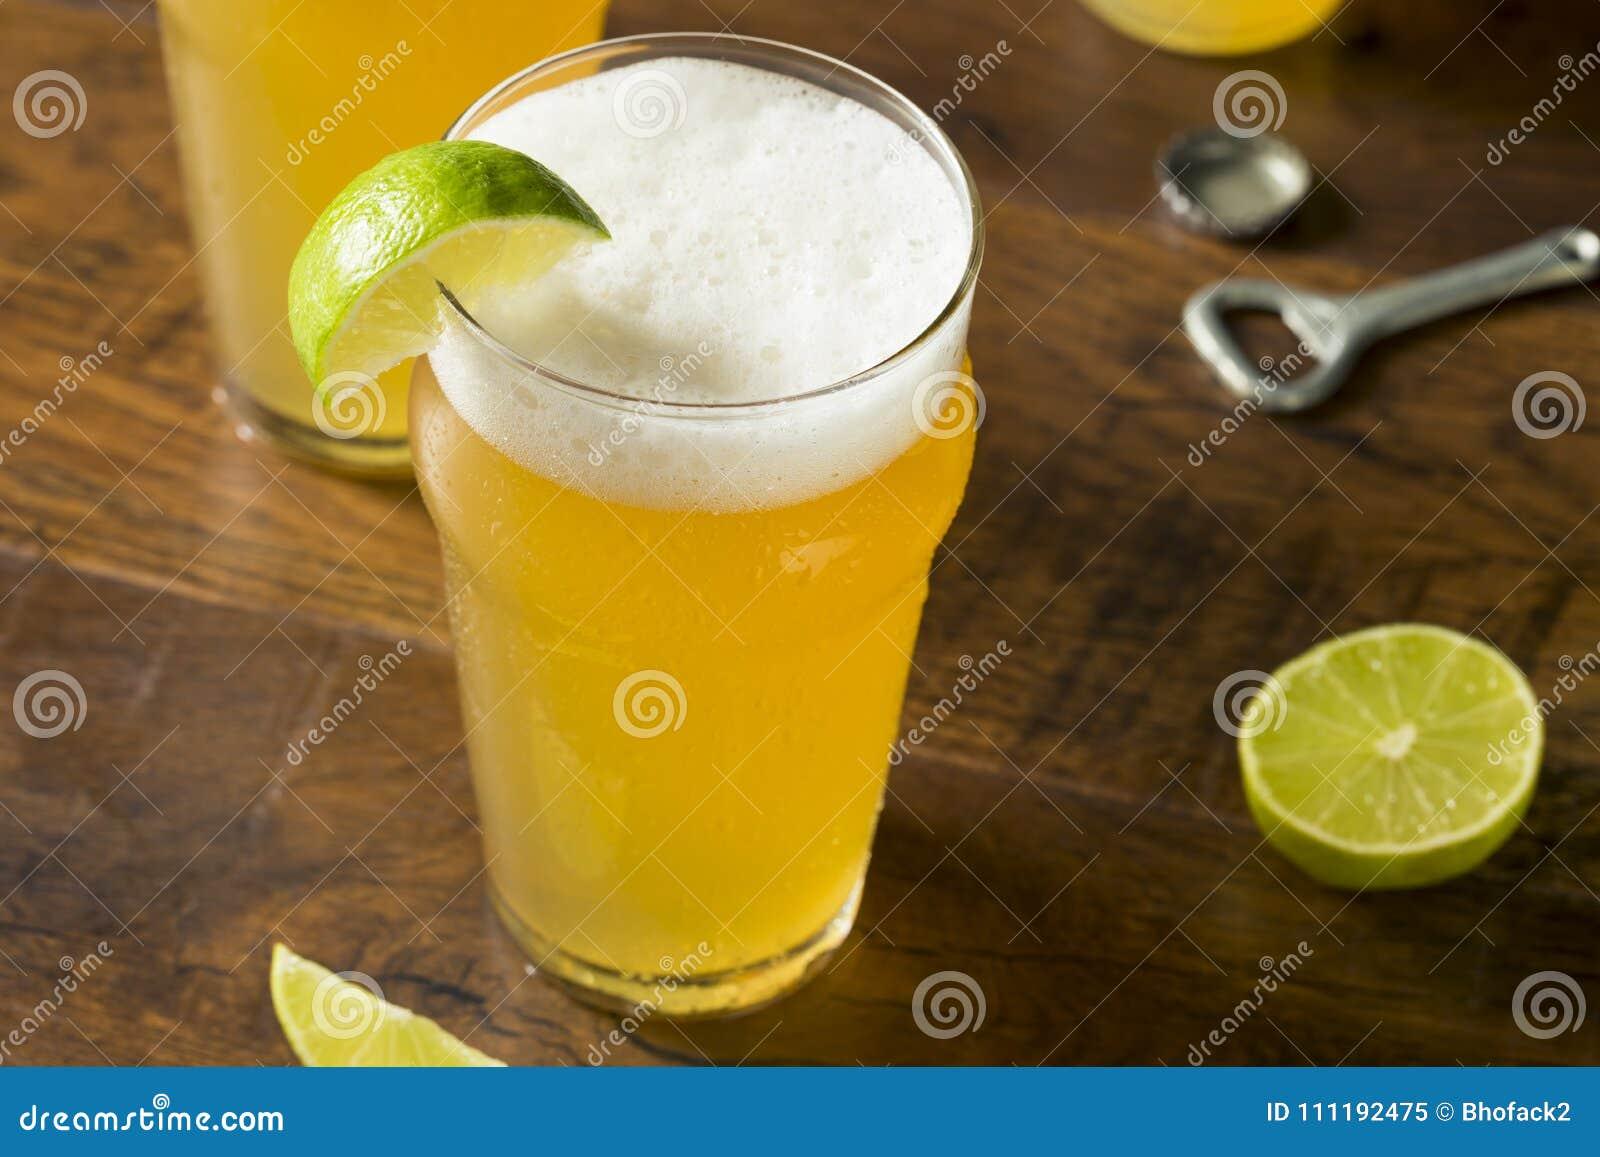 Alcoólico que refresca a cerveja mexicana com cal